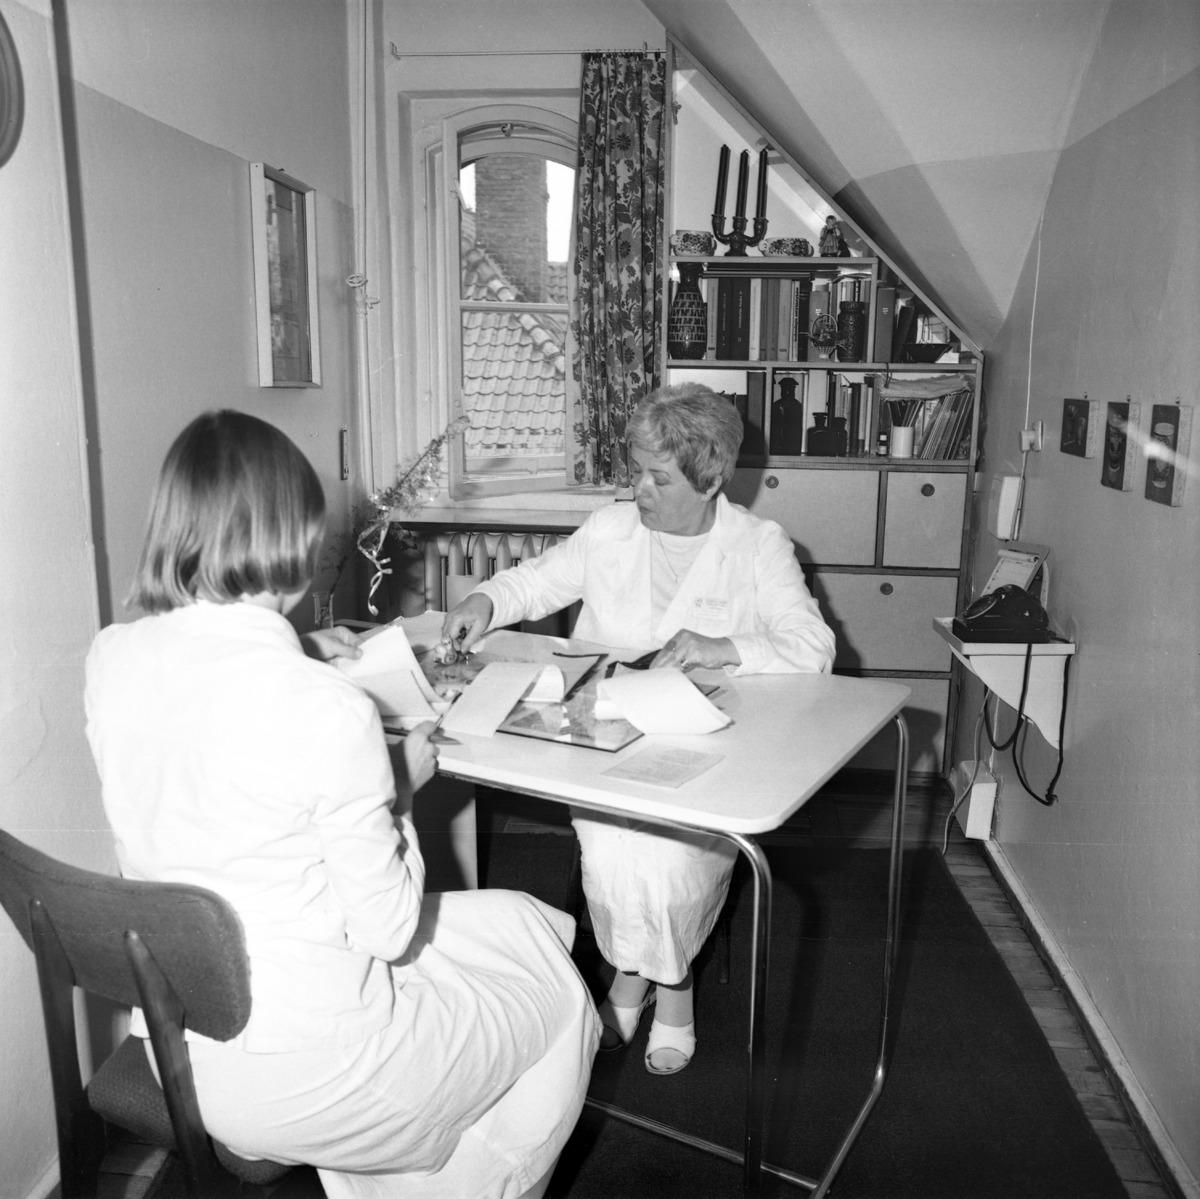 Dzień Służby Zdrowia w szpitalu ZOZ, 1986 r. [9]